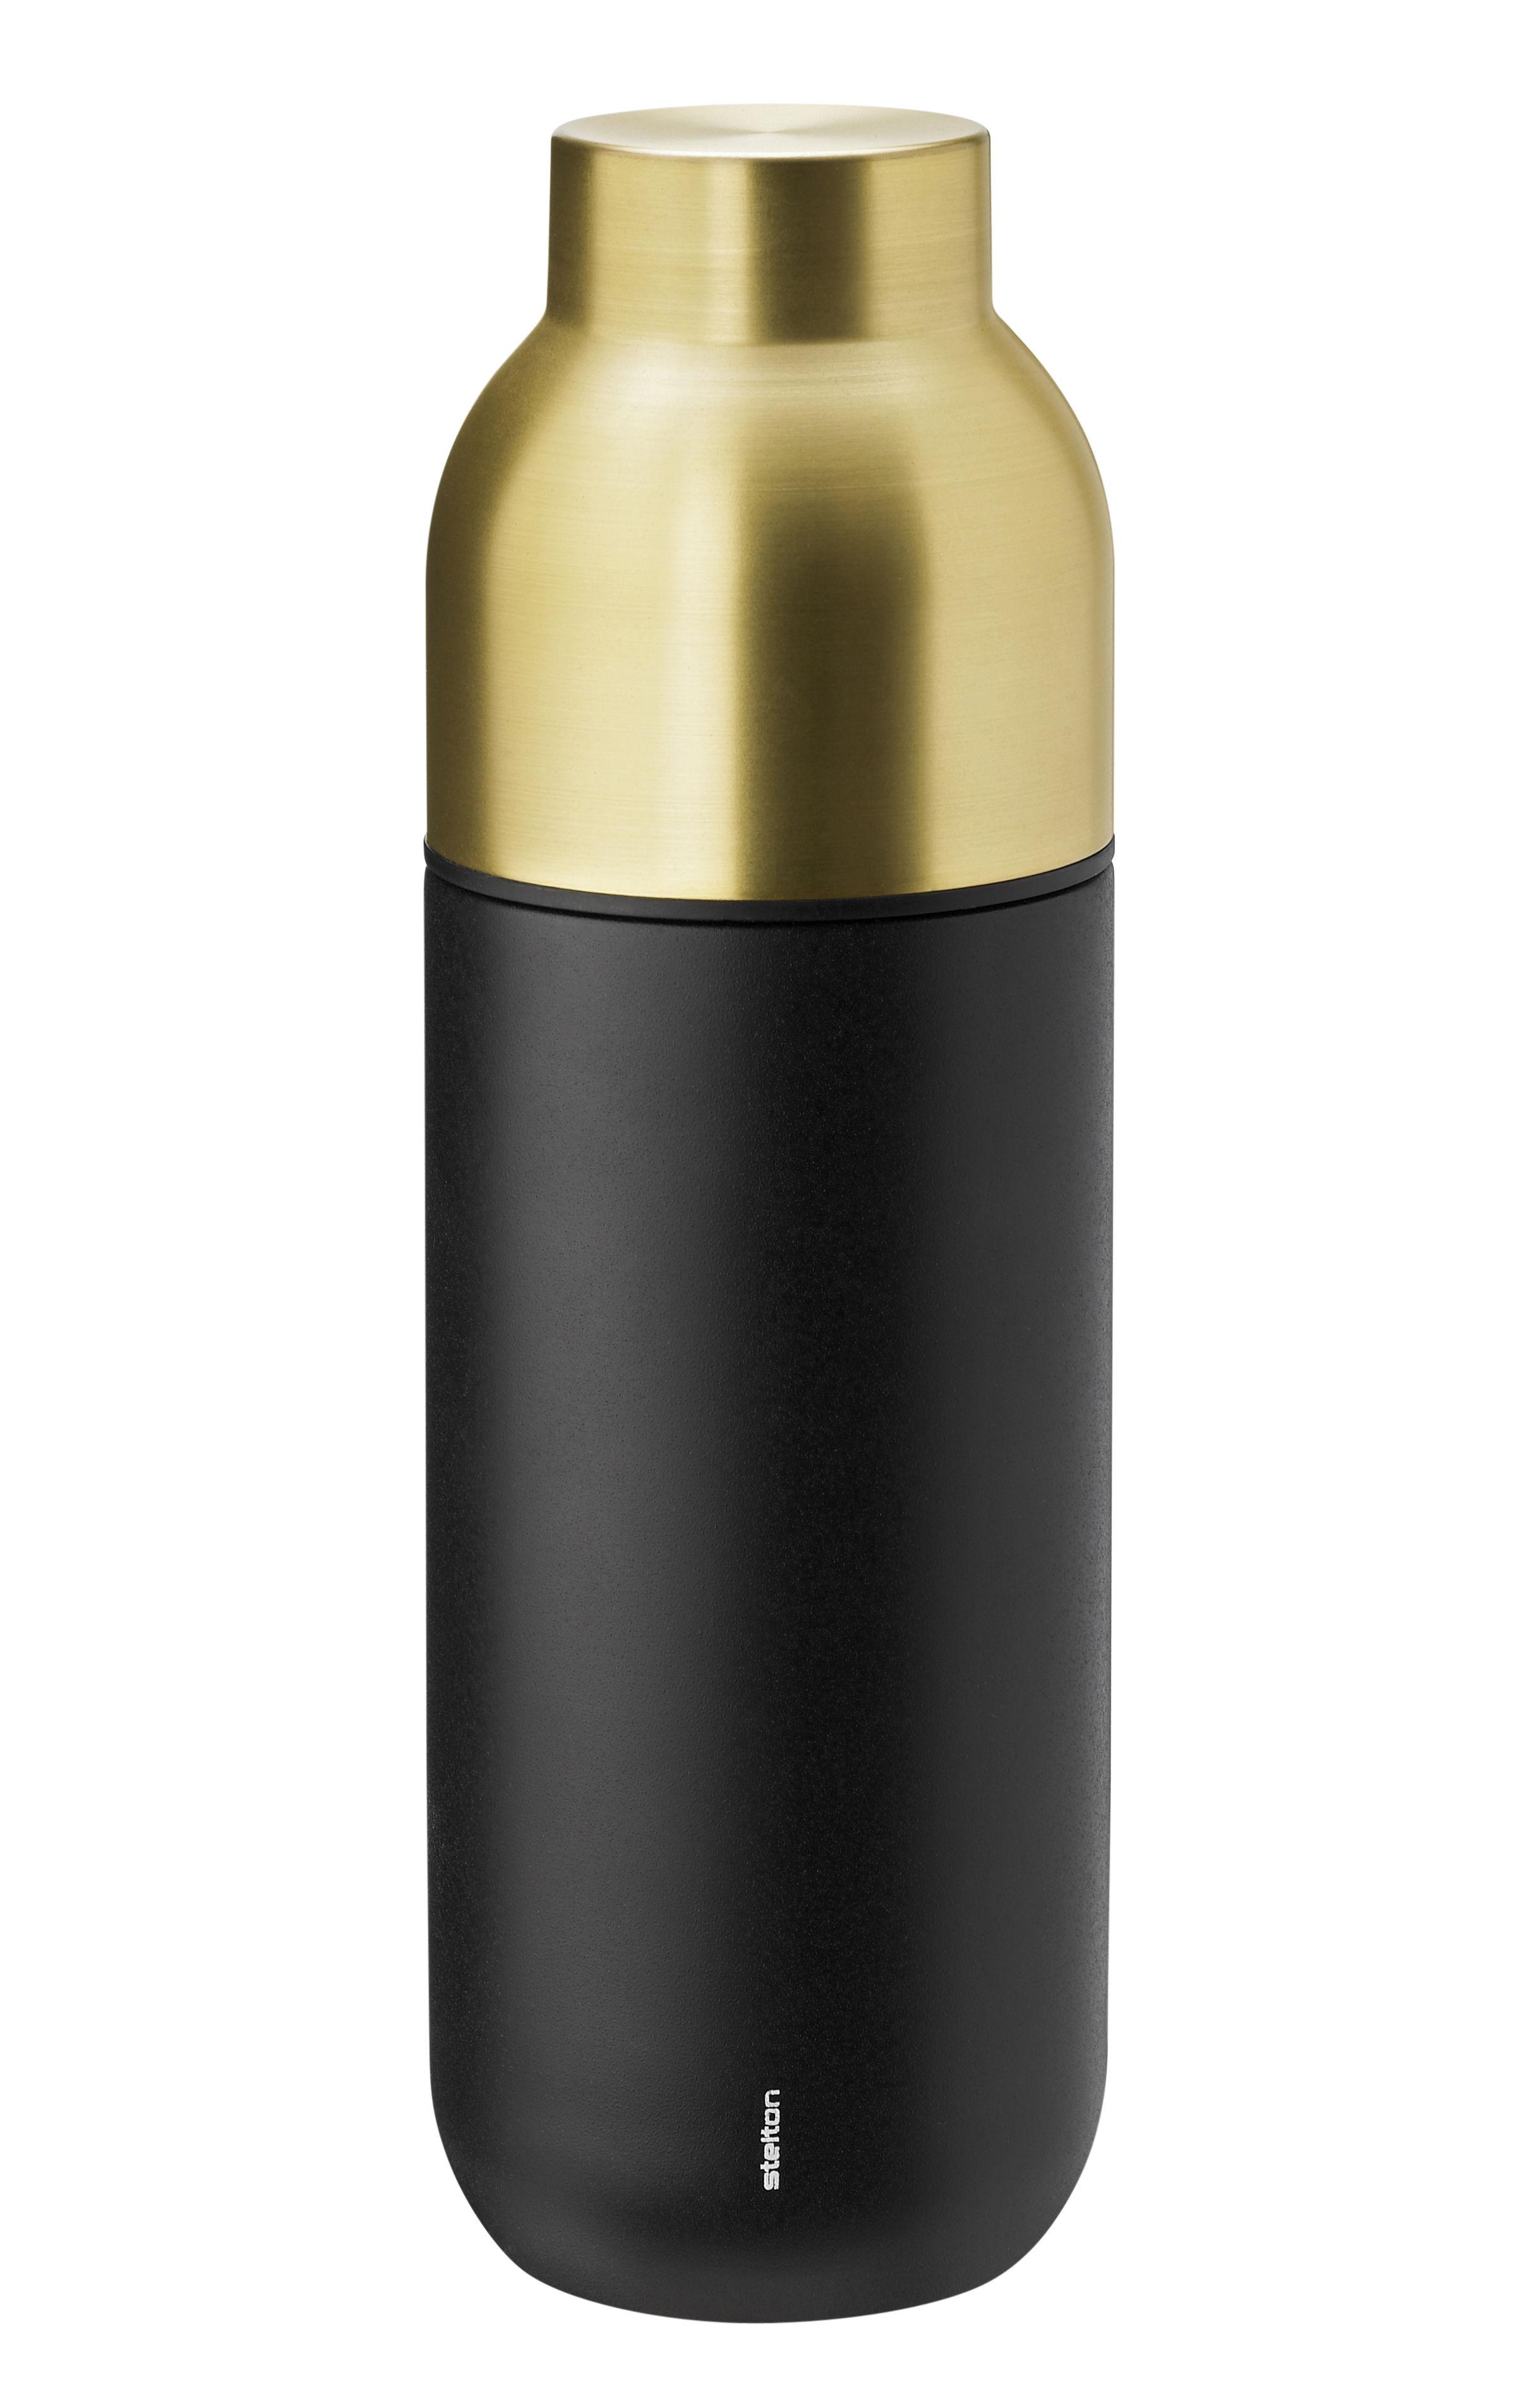 Tavola - Caraffe e Decantatori - Bottiglia isotermica Collar - / 0, 75 L di Stelton - Nero opaco & ottone - Acier inoxydable revêtu de laiton, Acier inoxydable revêtu de Téflon®, Plastica, Silicone